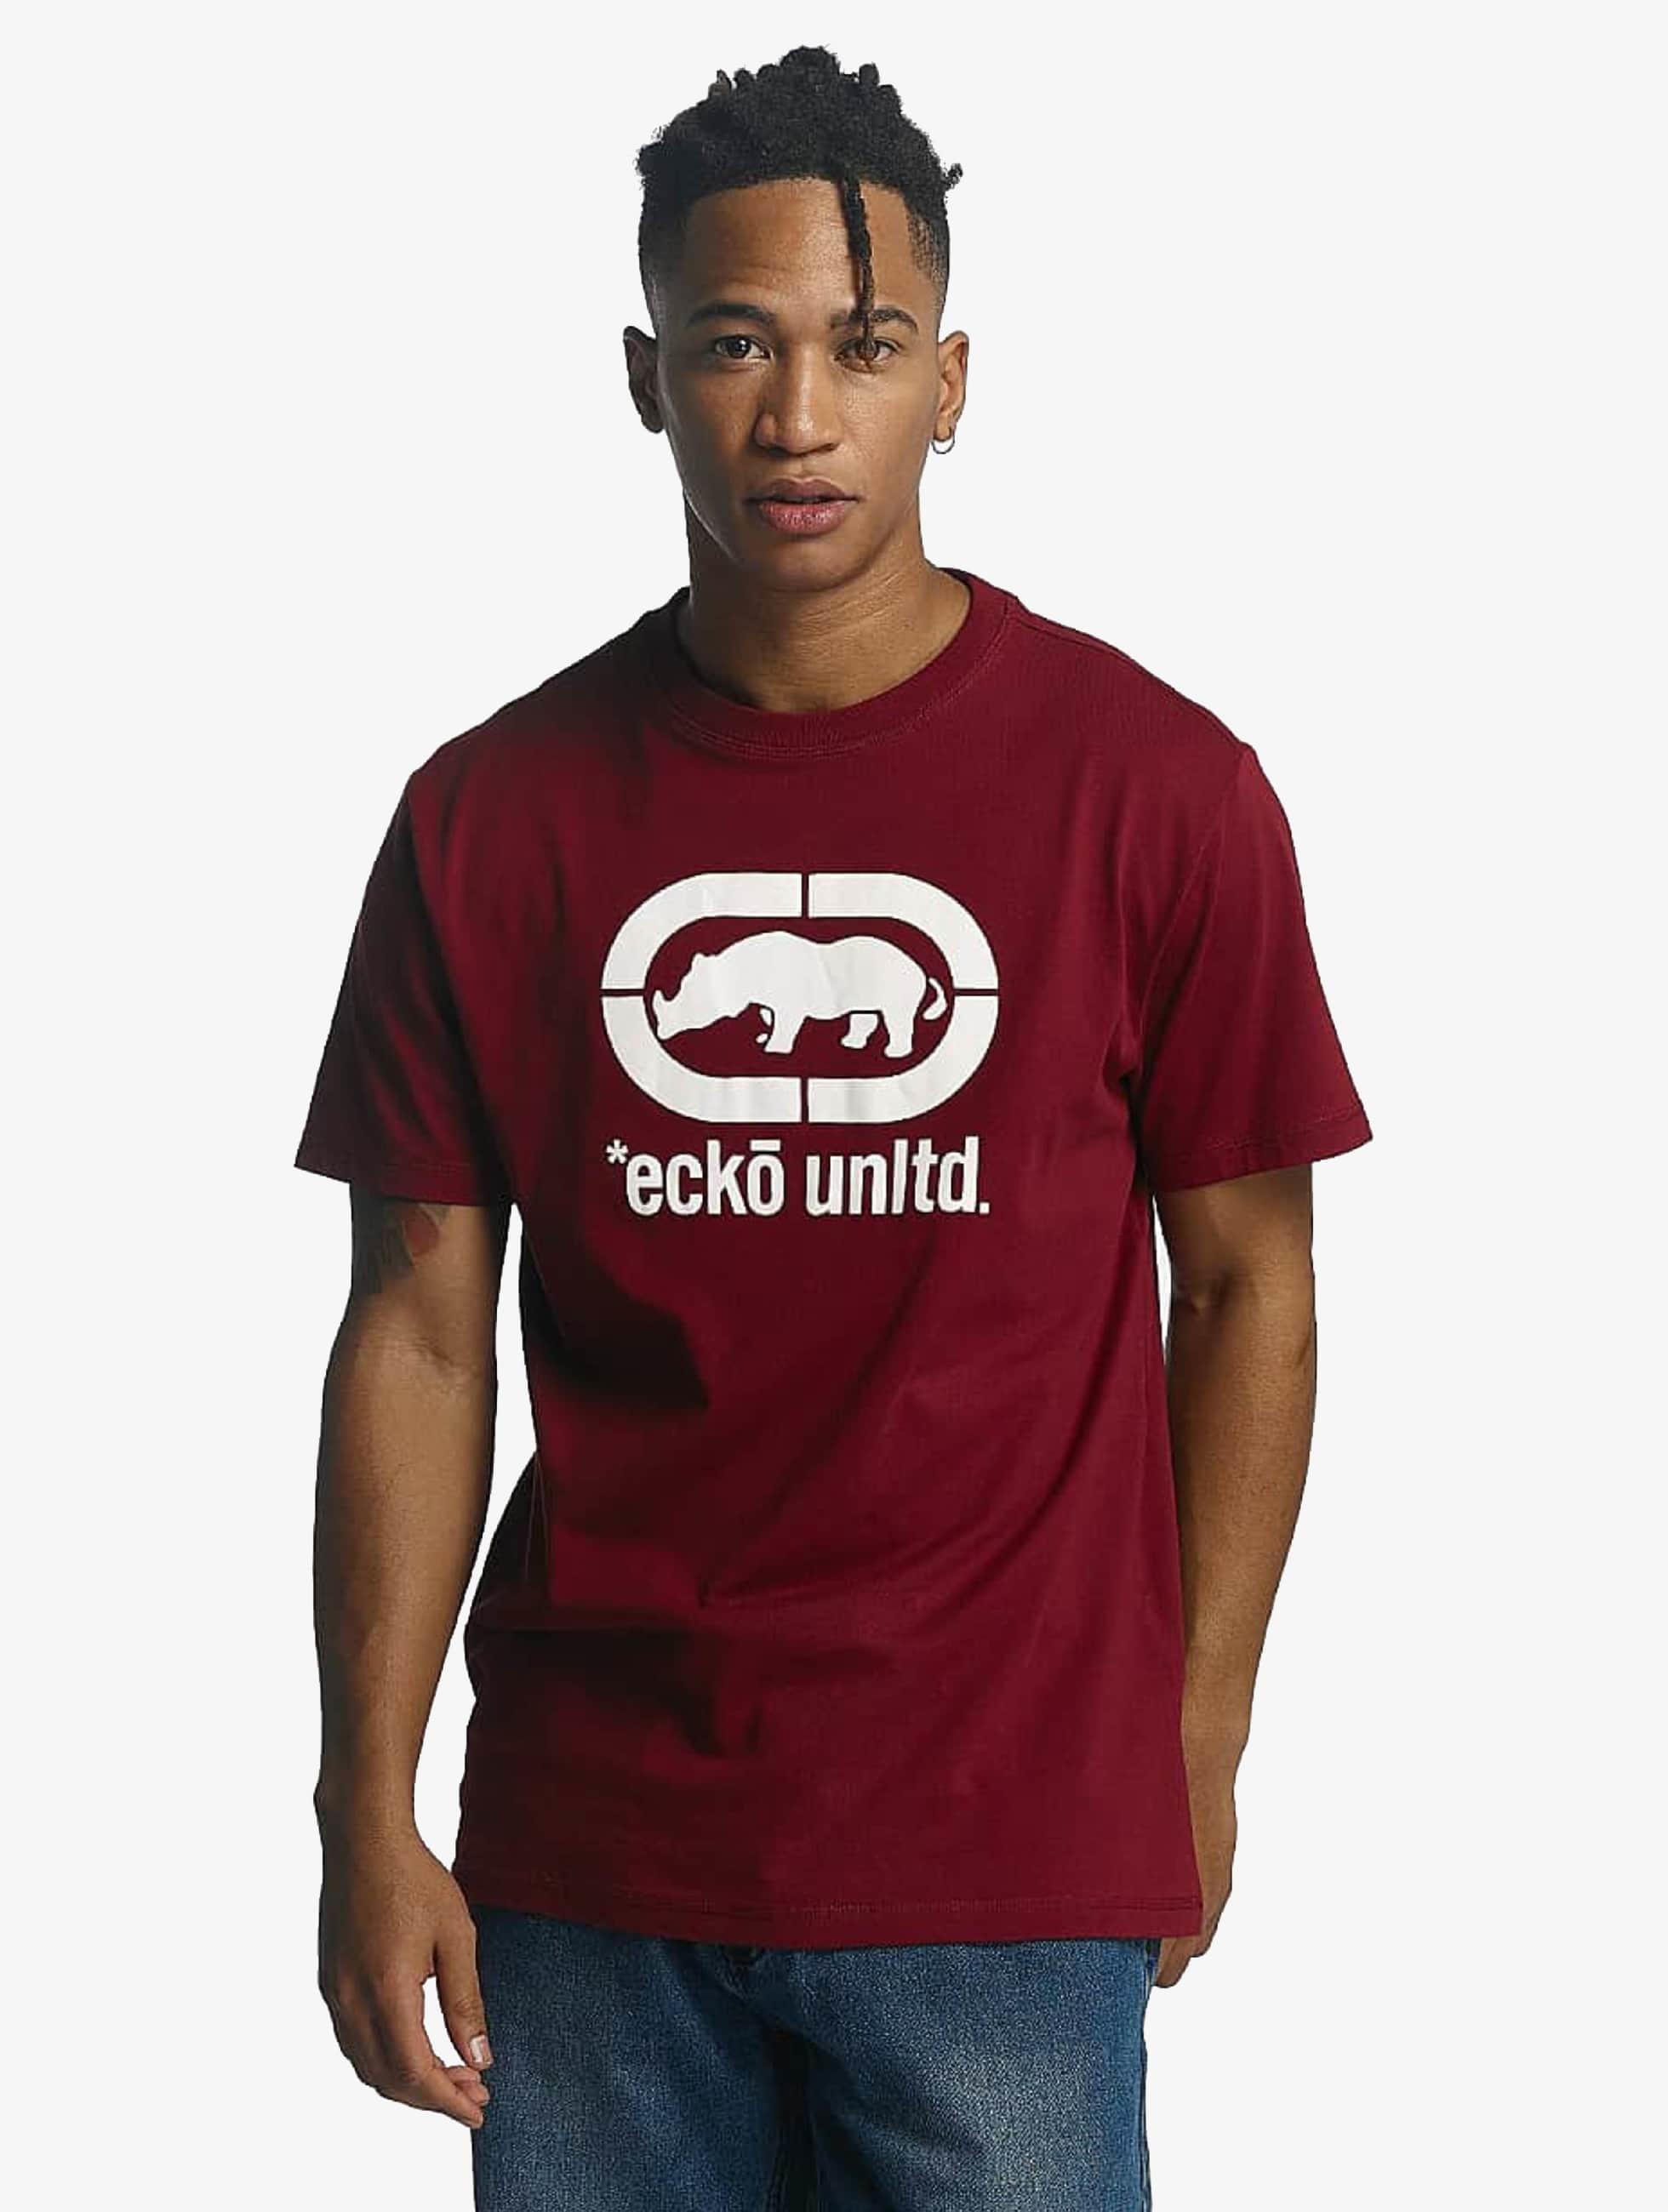 Ecko Unltd. / T-Shirt Base in red 3XL